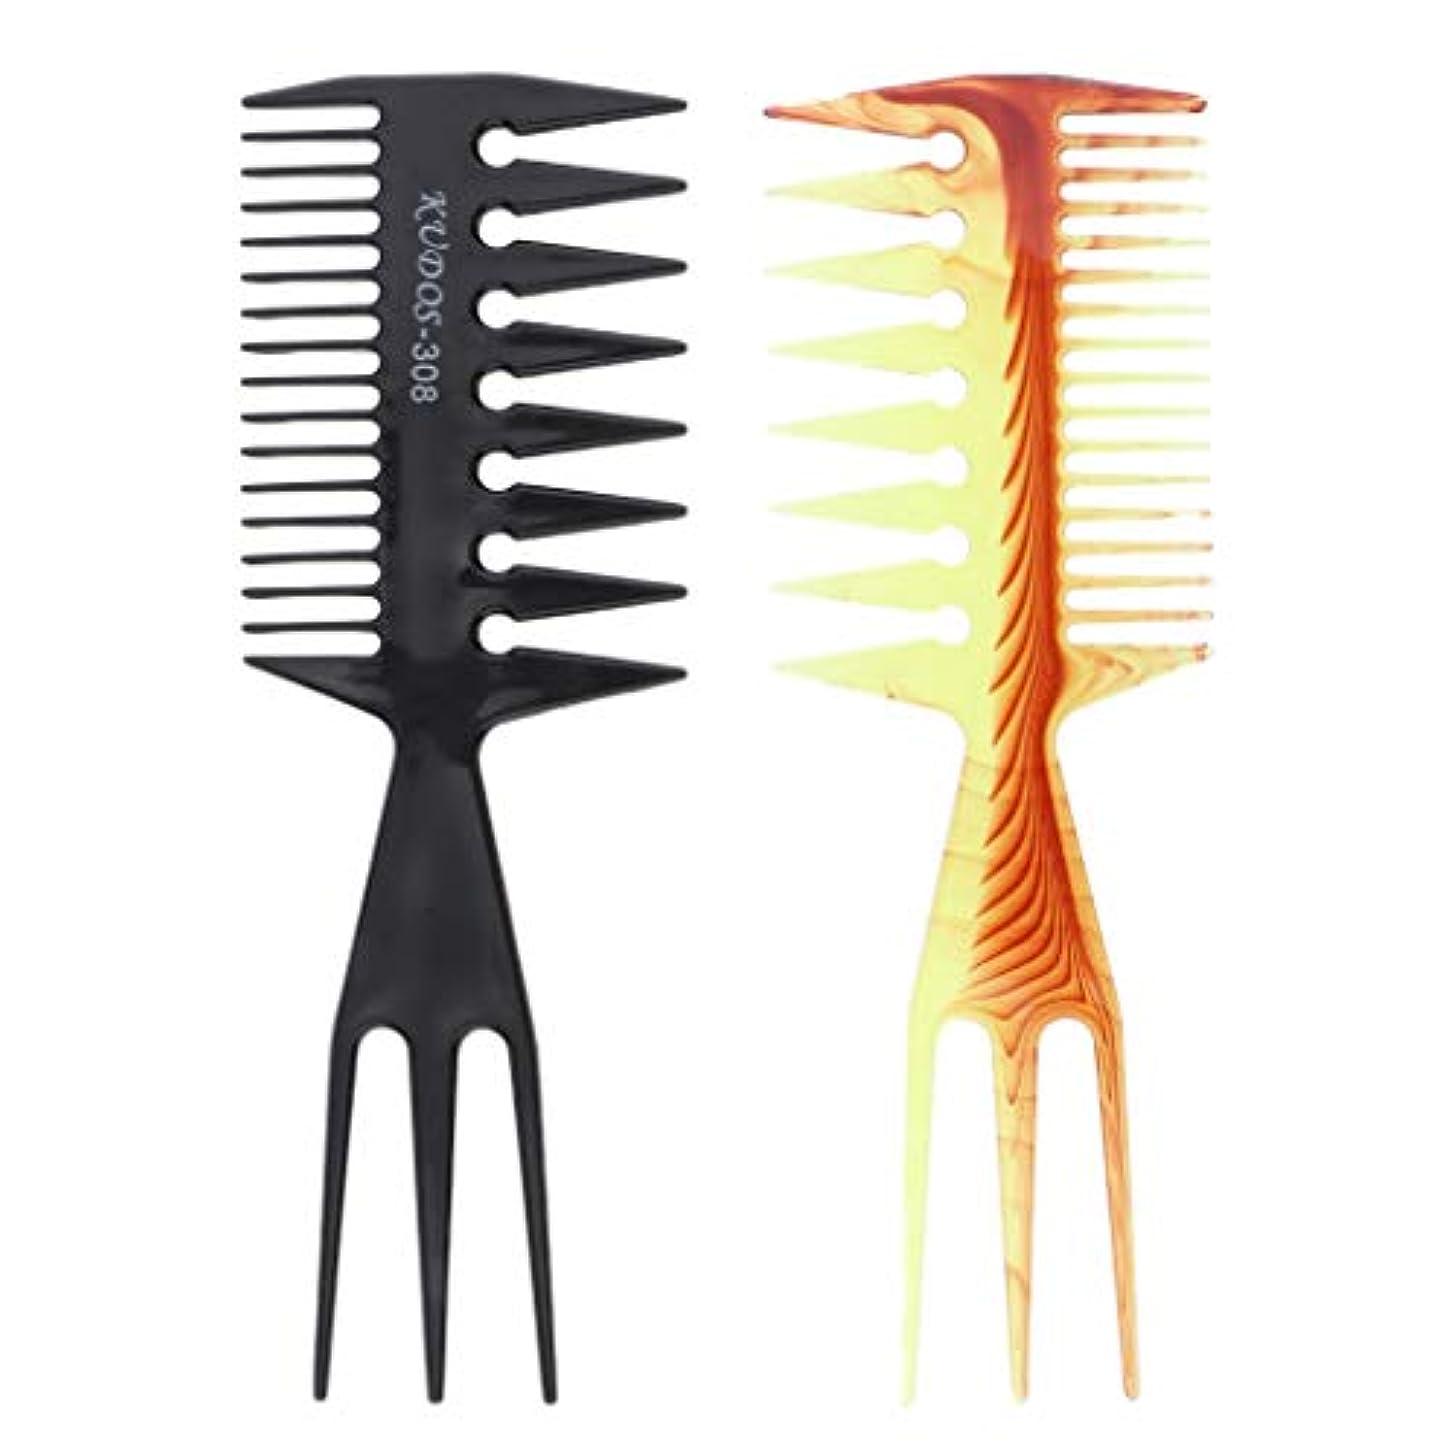 分割すなわち食べるへアカラーセット ヘアダイブラシ DIY髪染め用 サロン 美髪師用 ヘアカラーの用具 2個セット